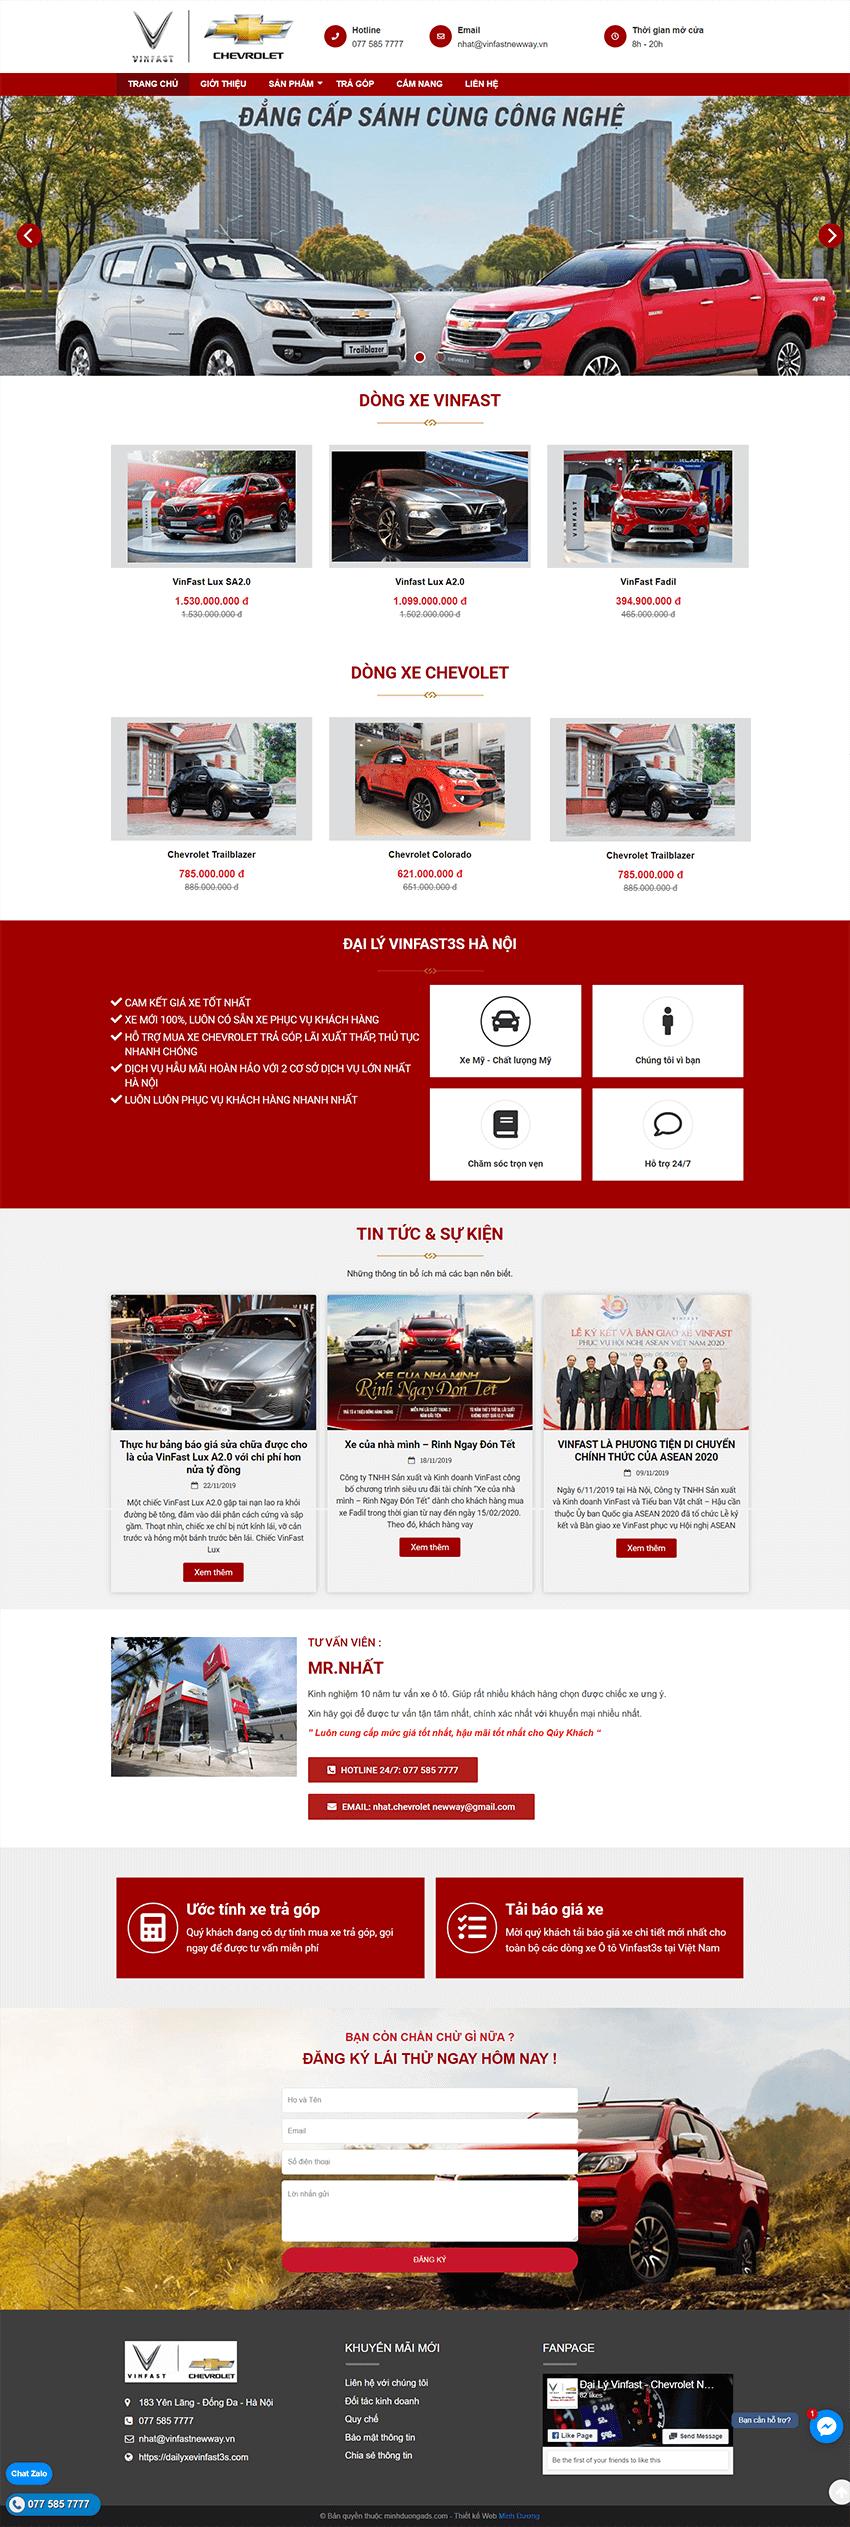 Web ô tô VinFast